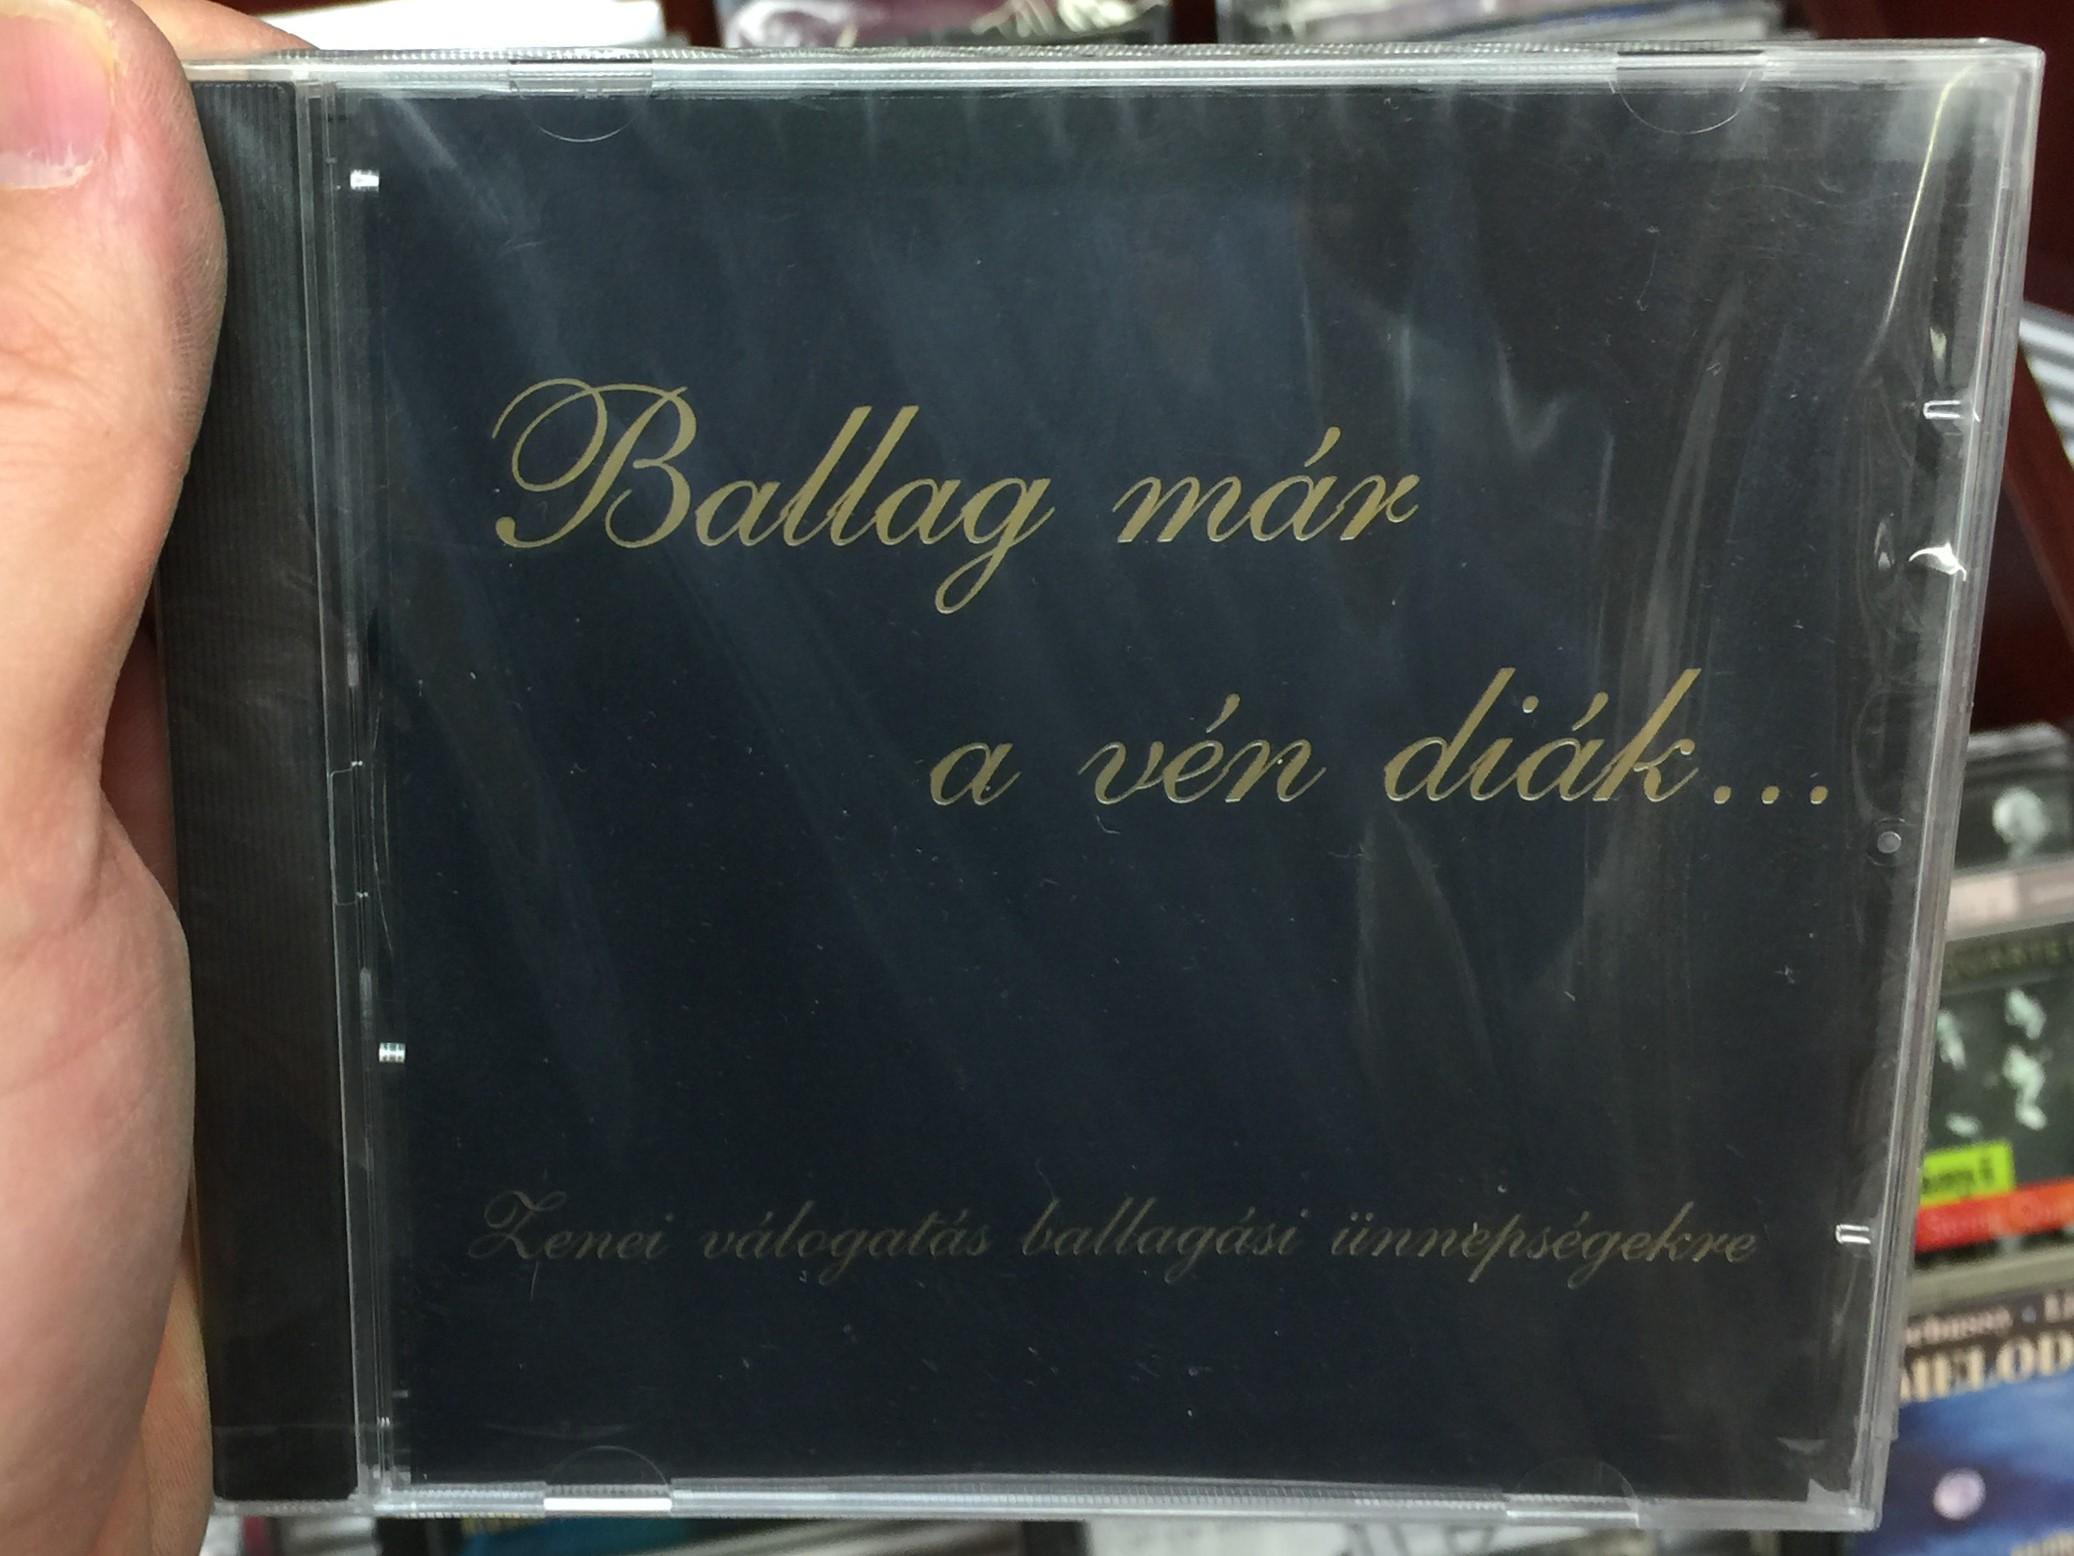 ballag-mar-a-ven-diak...-zenei-valogatas-ballagasi-unnepsegekre-audio-cd-4260433508627-1-.jpg